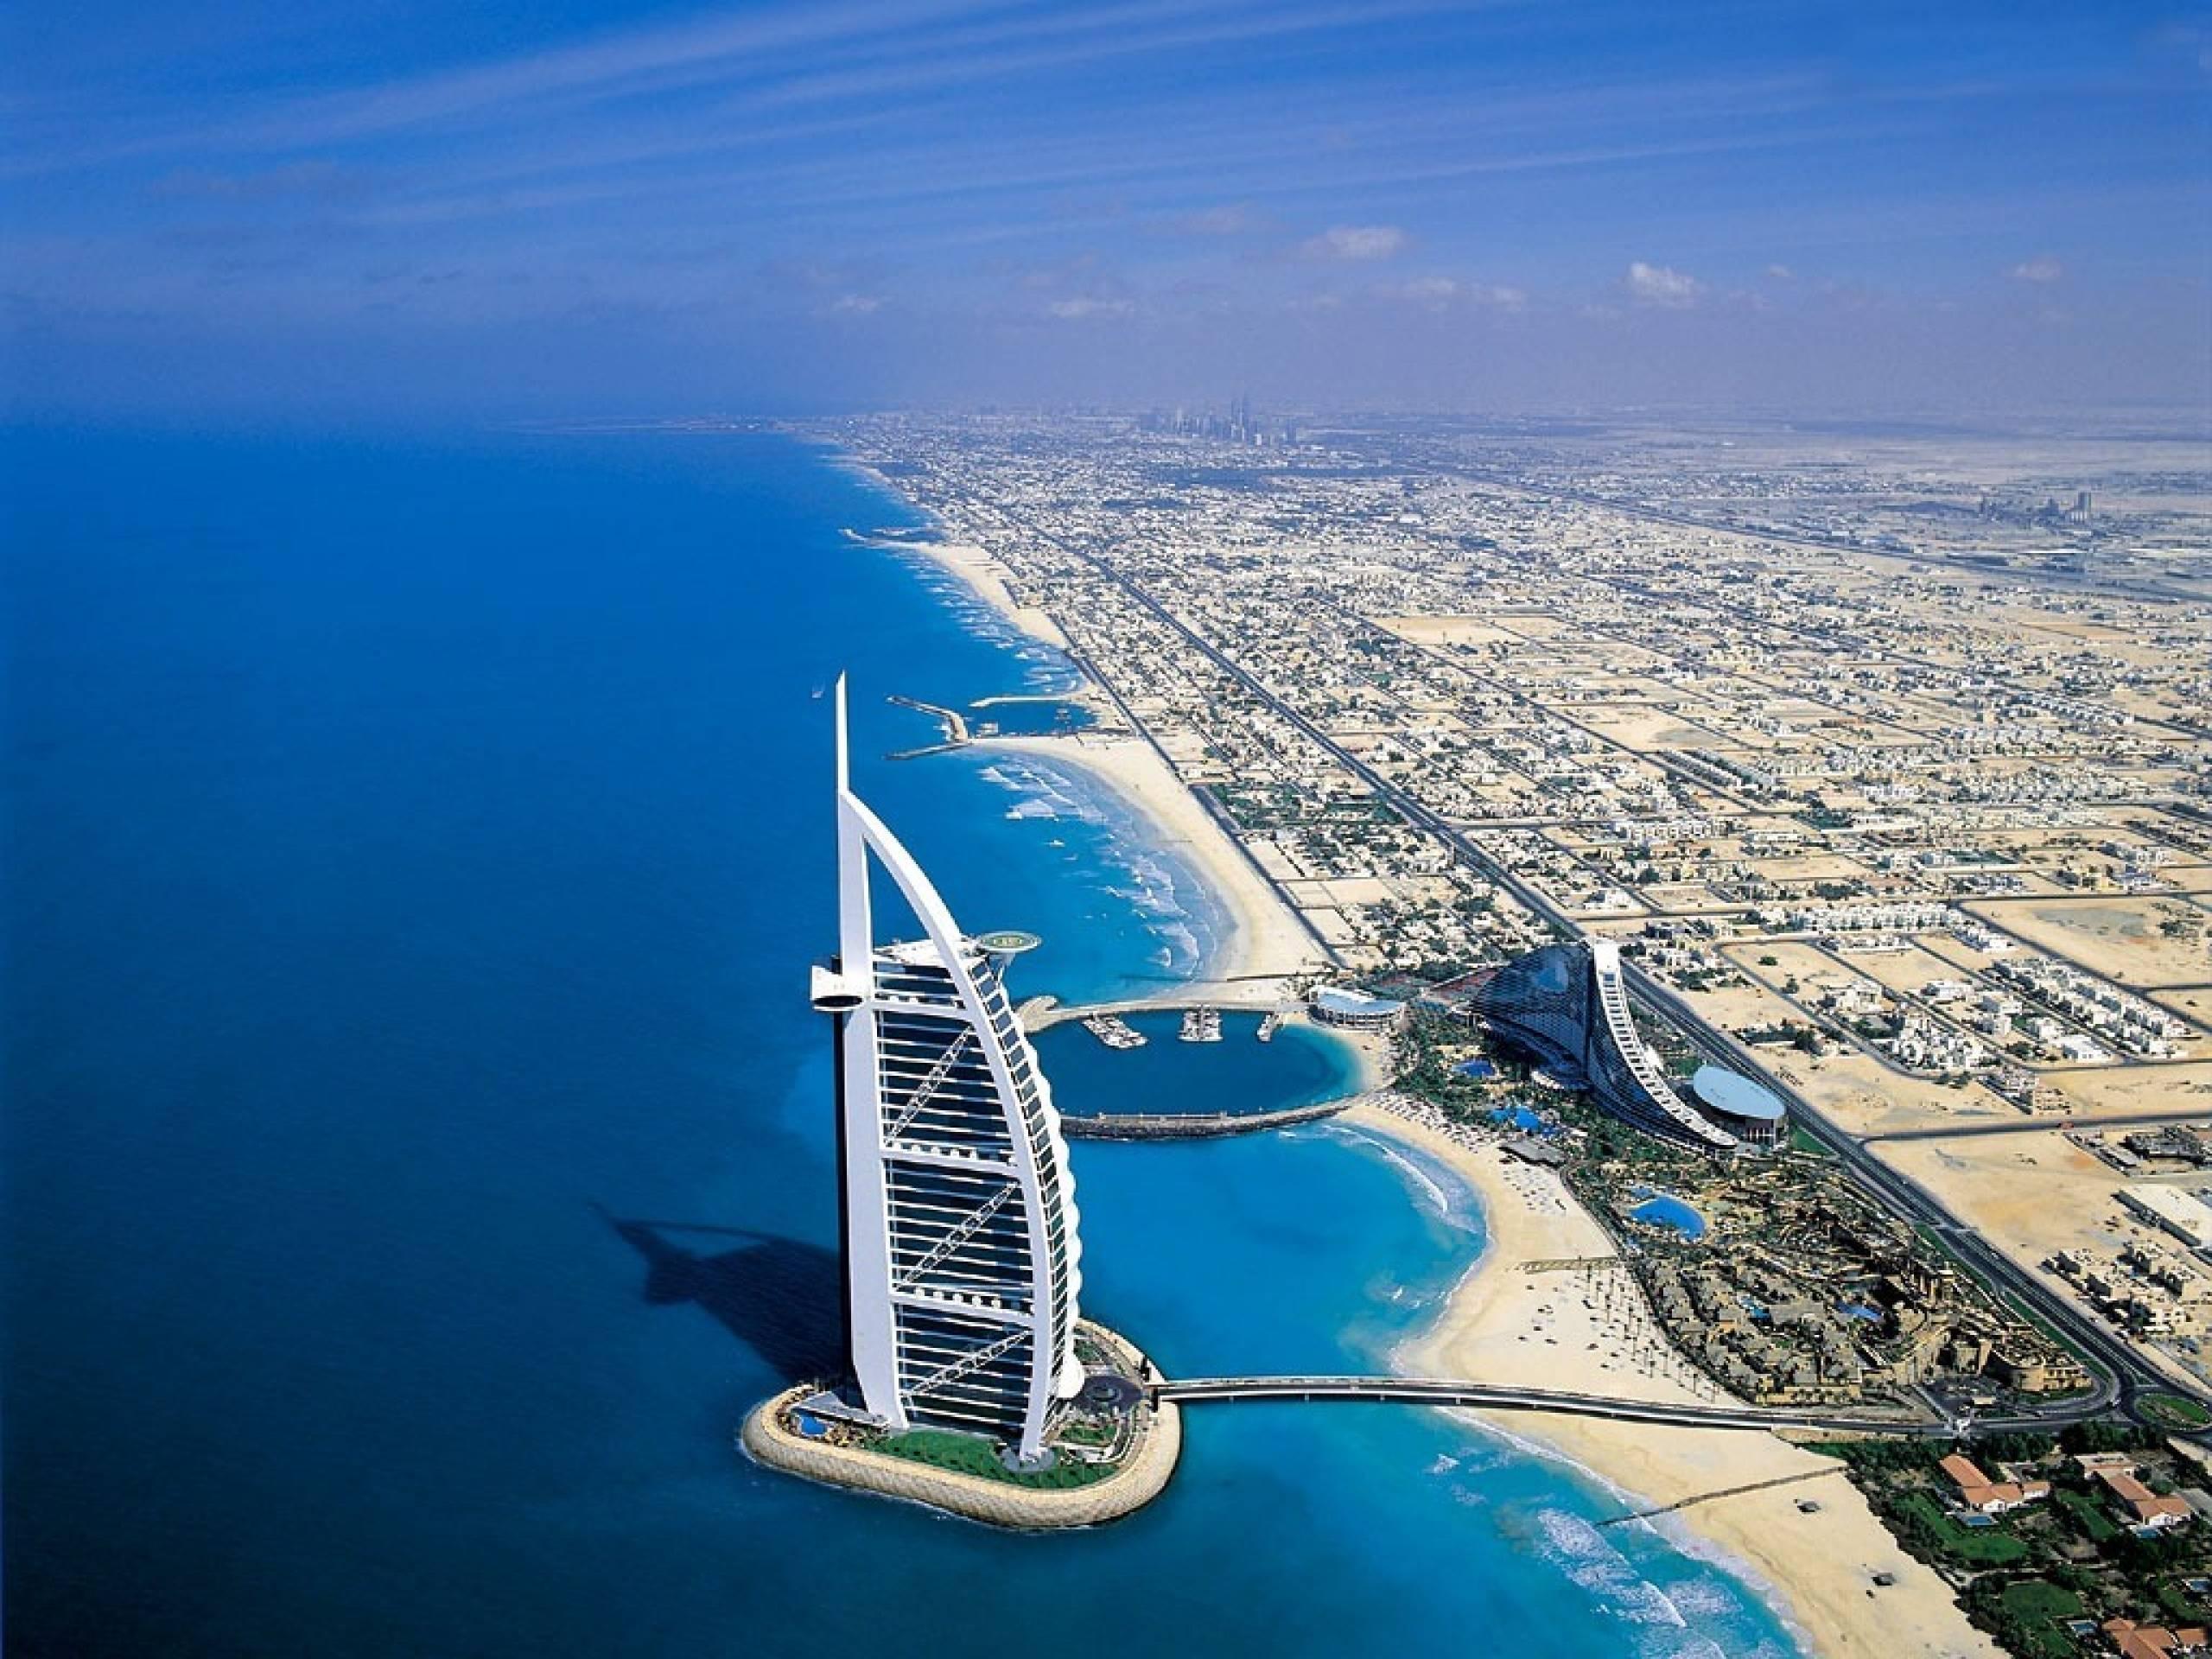 страны архитектура море Объединенные Арабские Эмираты скачать